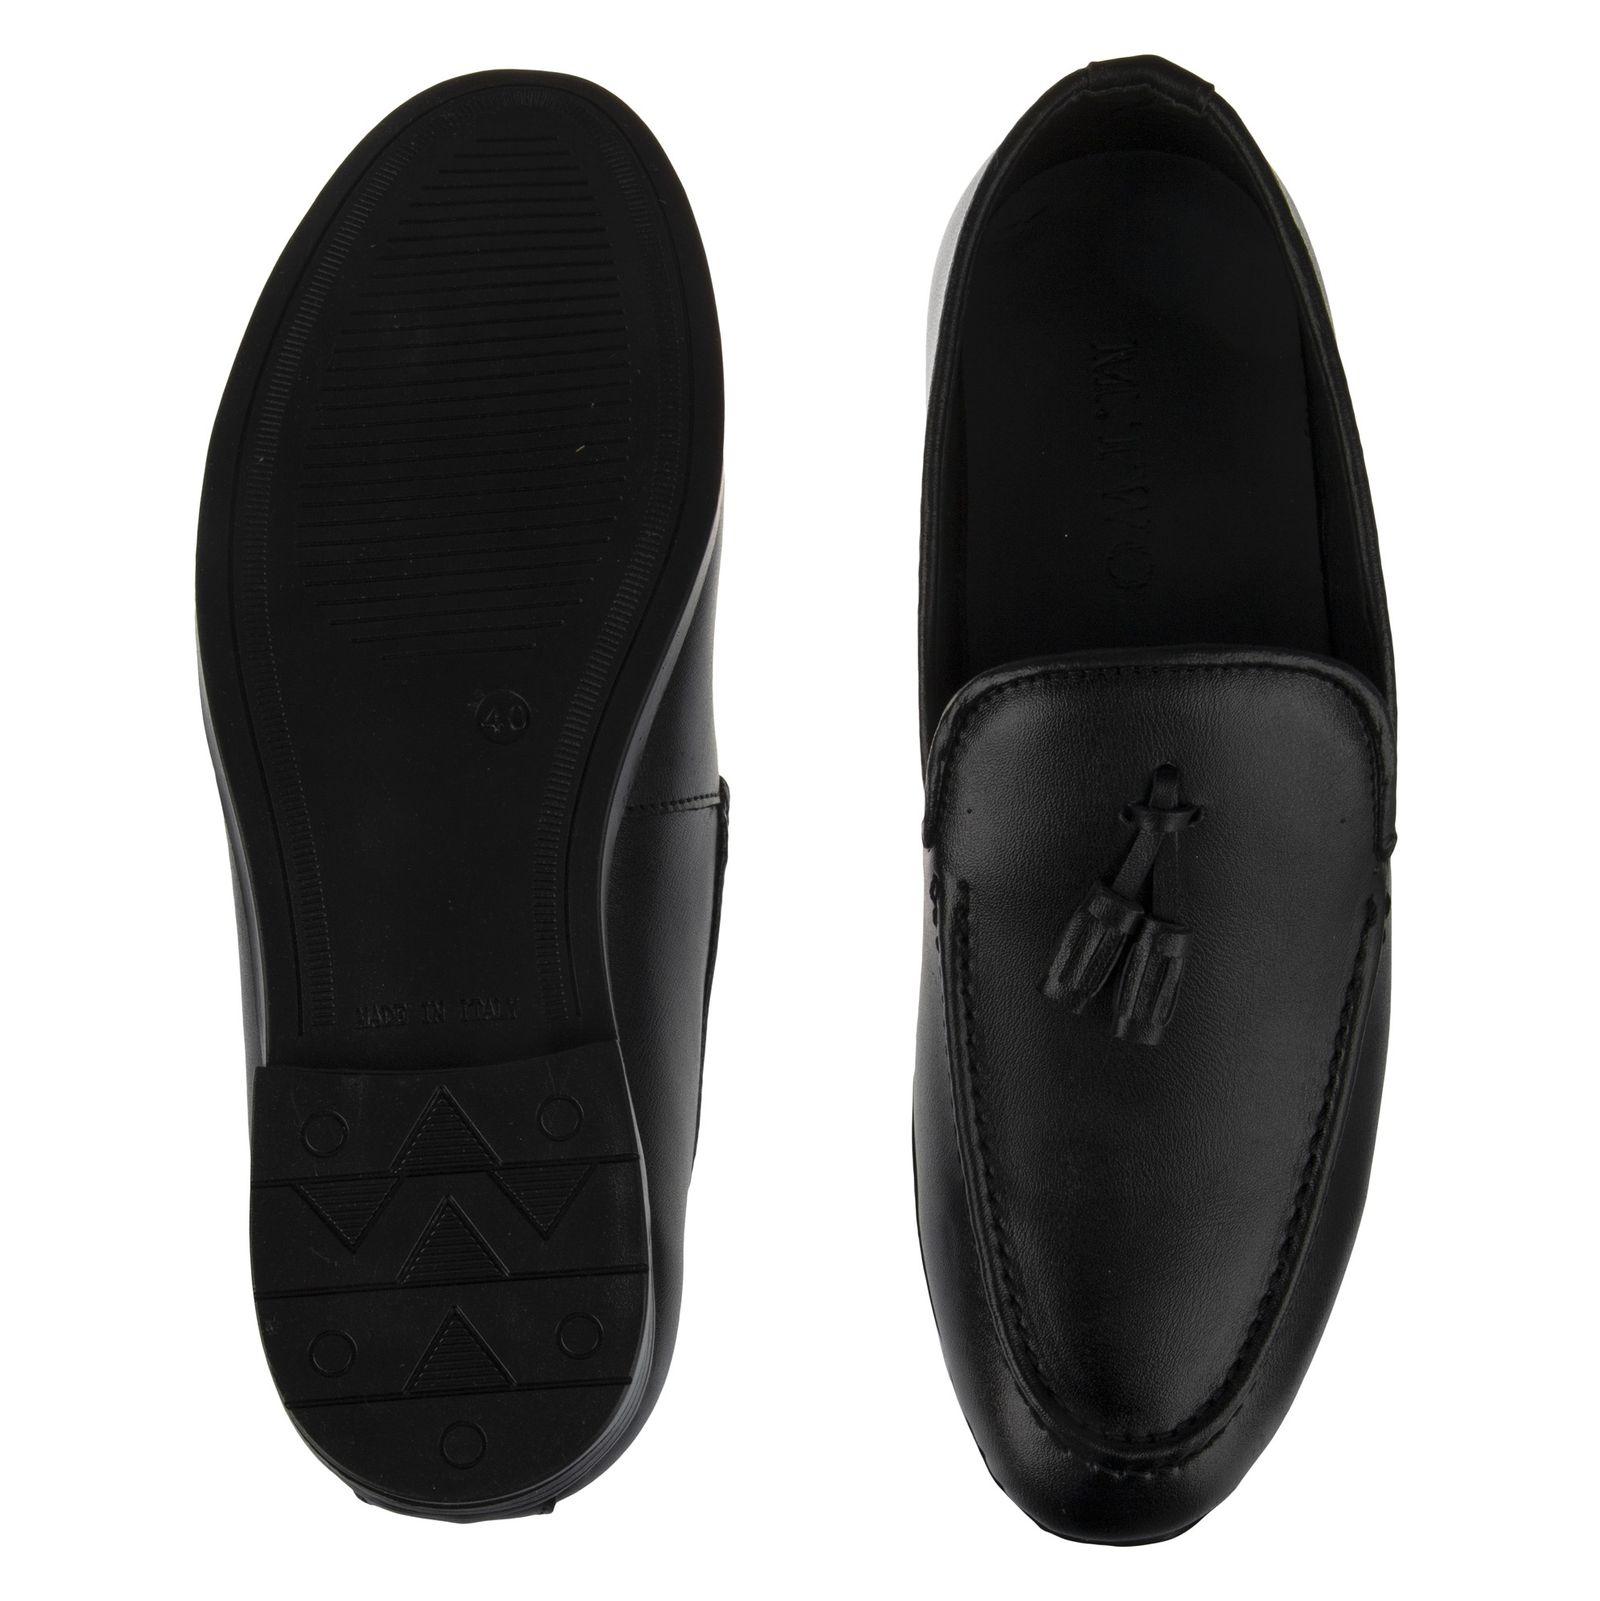 کفش مردانه ام تو مدل 315-0001 -  - 7